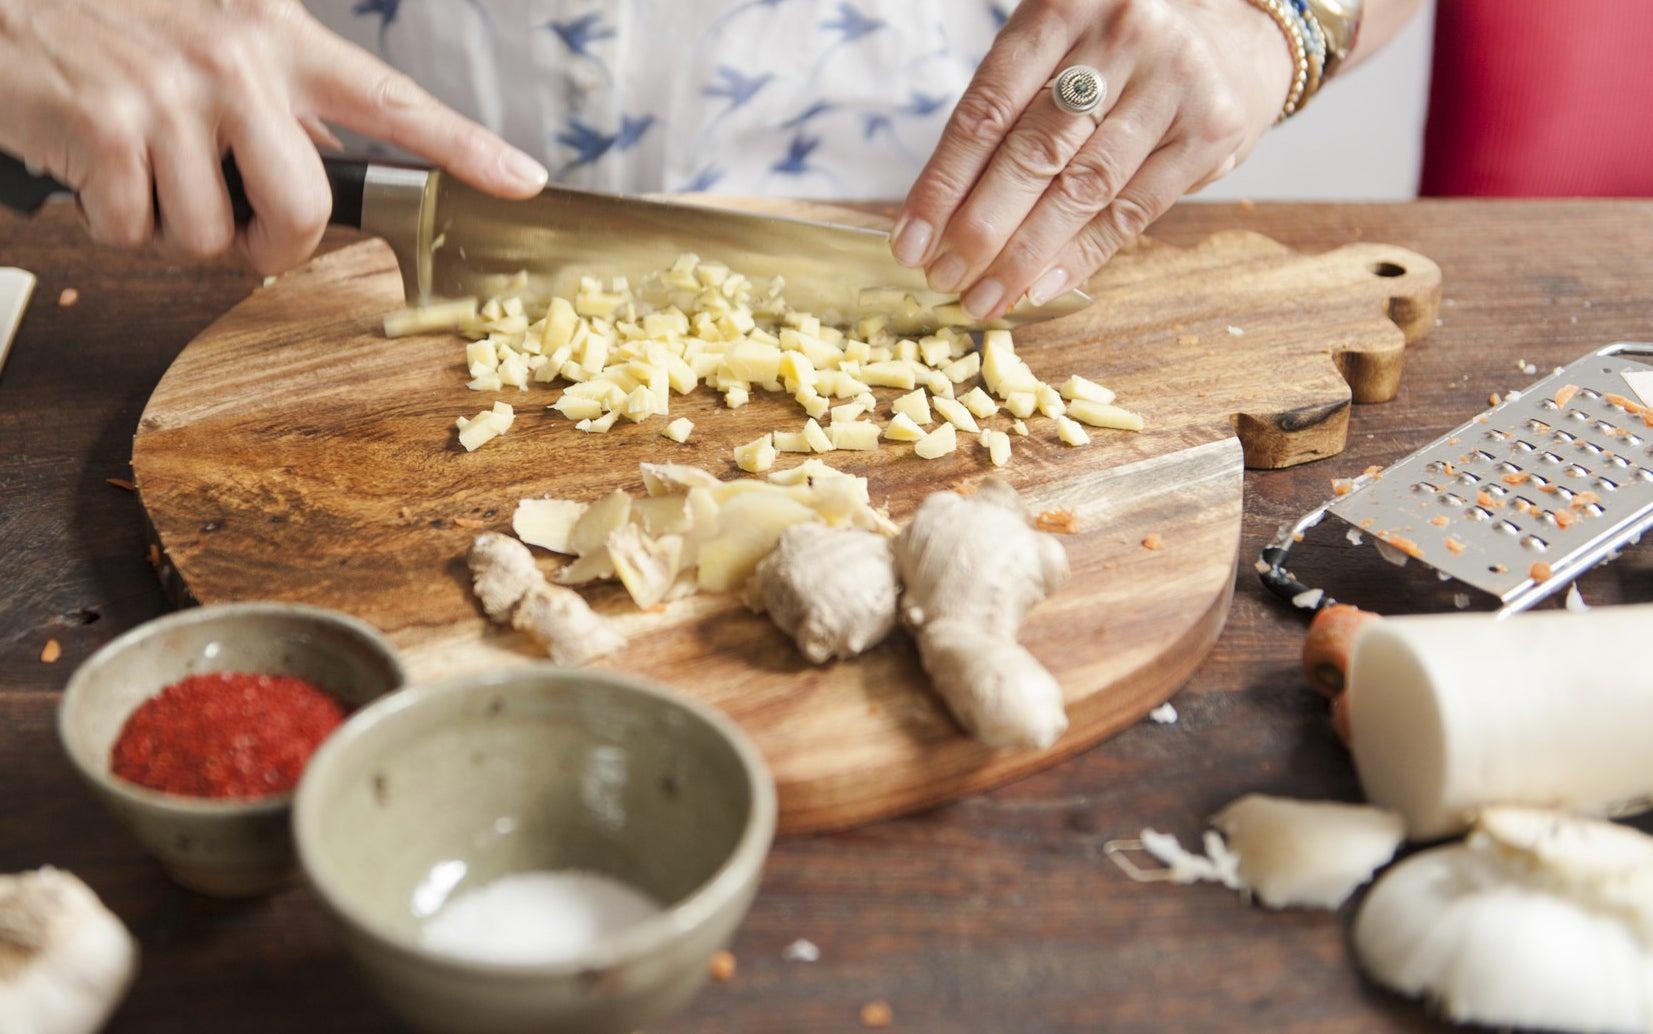 Chopping garlic for an Asian dish.